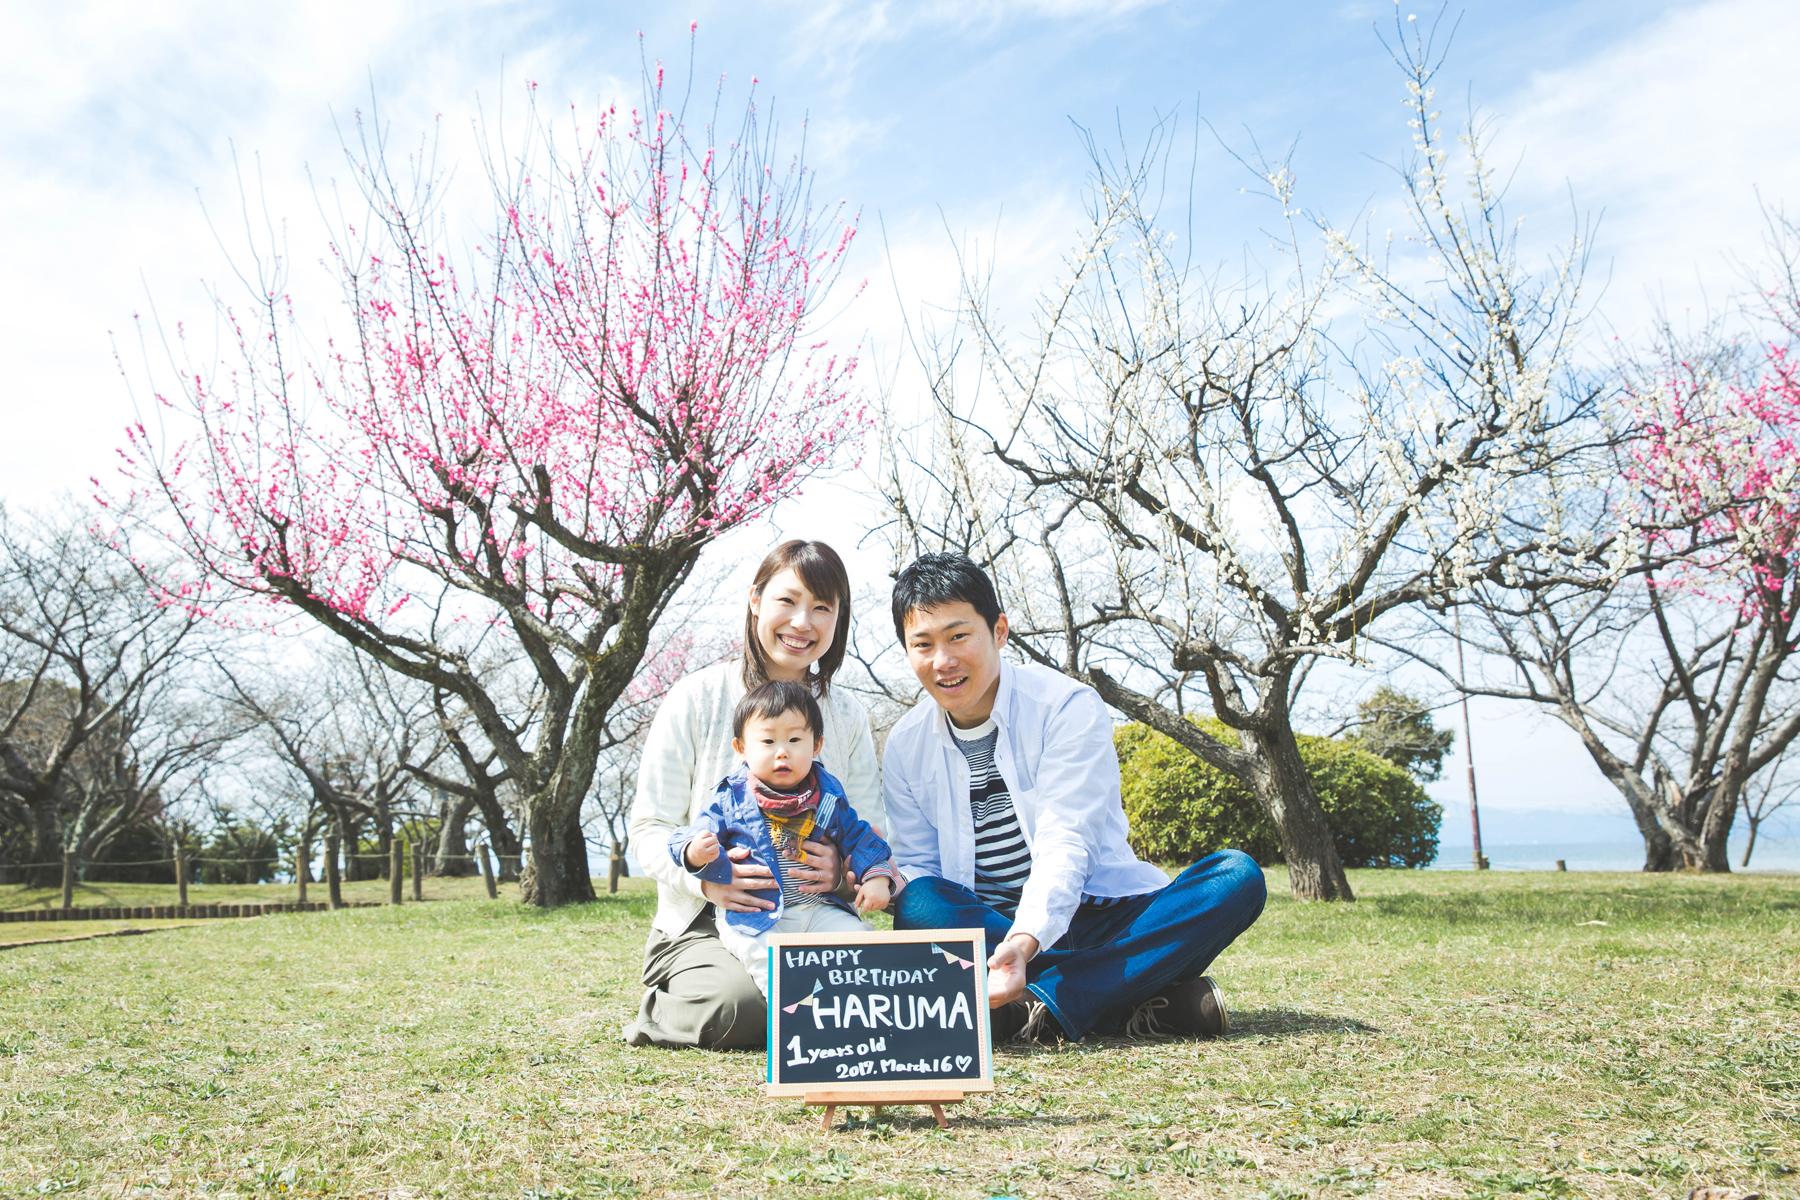 滋賀県長浜市の豊公園で梅と琵琶湖を背景にフリーカメラマンが家族写真撮影を